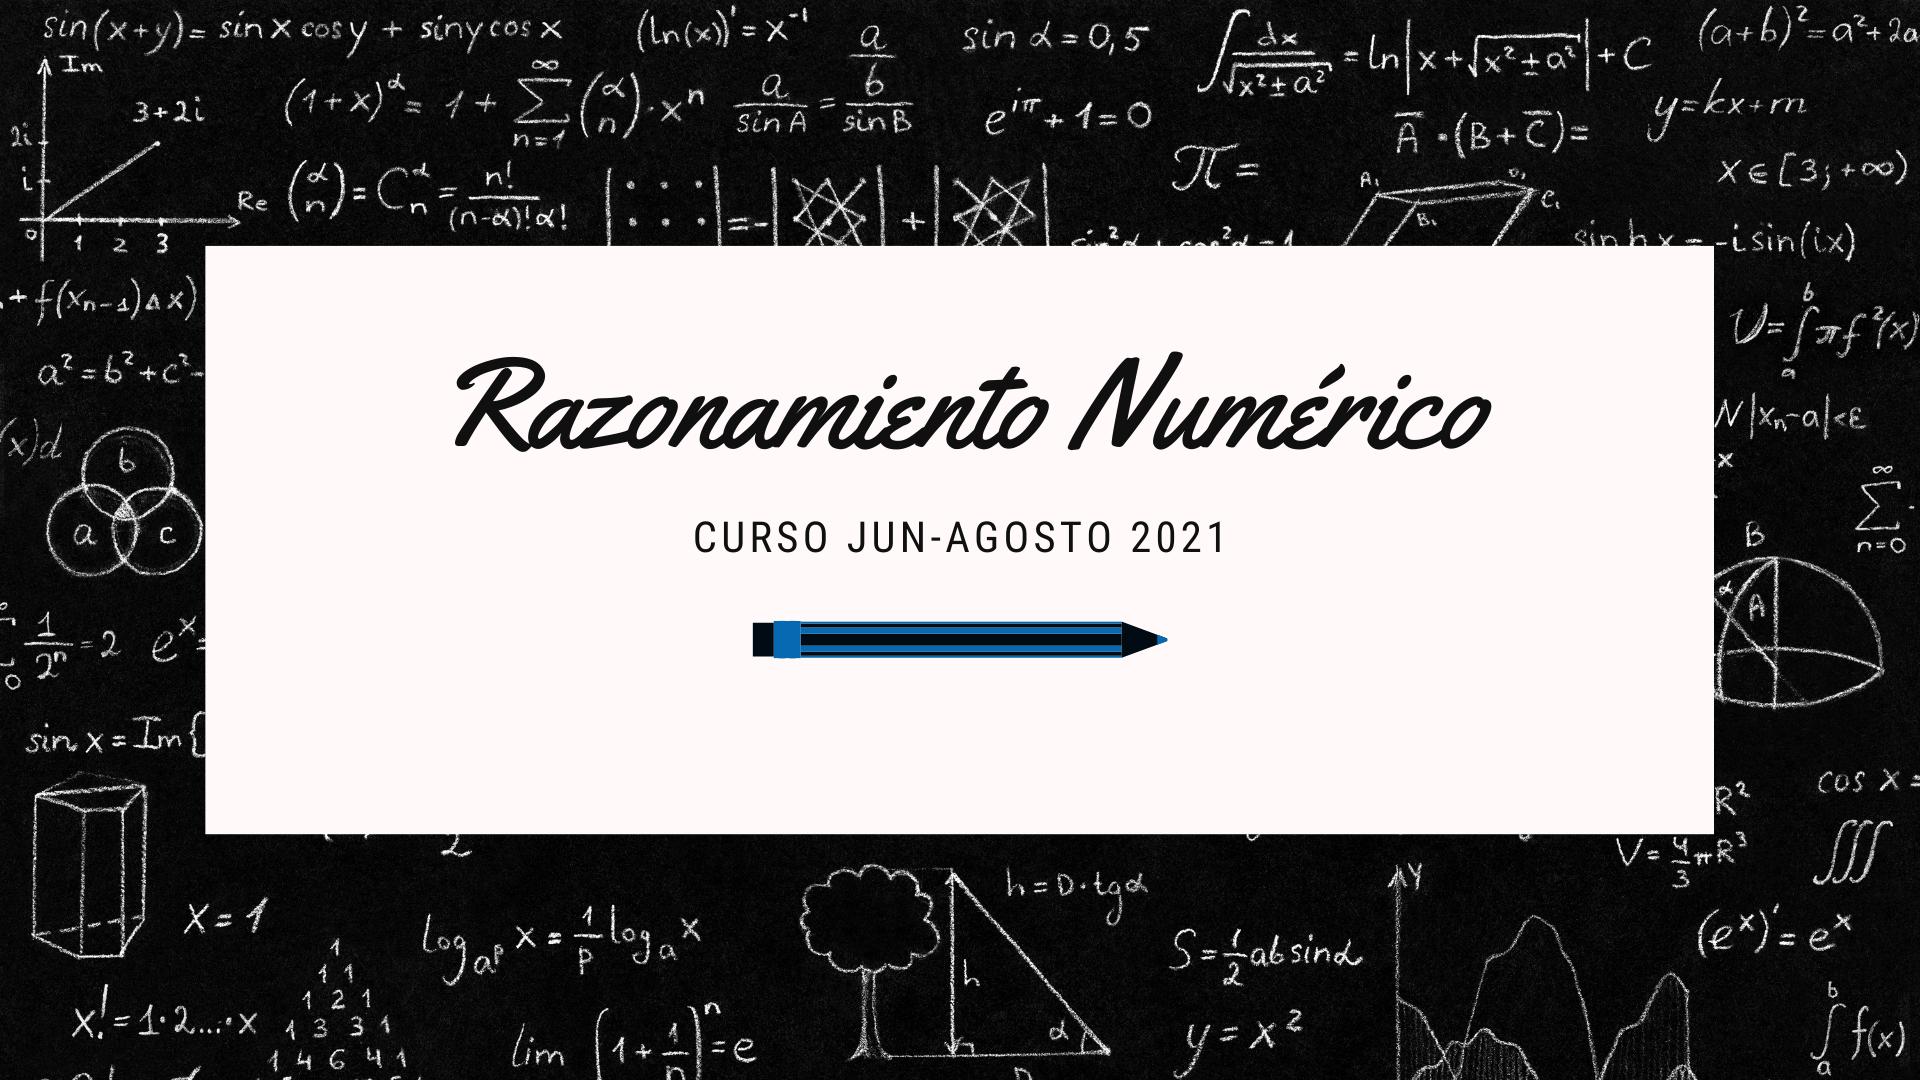 Razonamiento Numérico Curso C